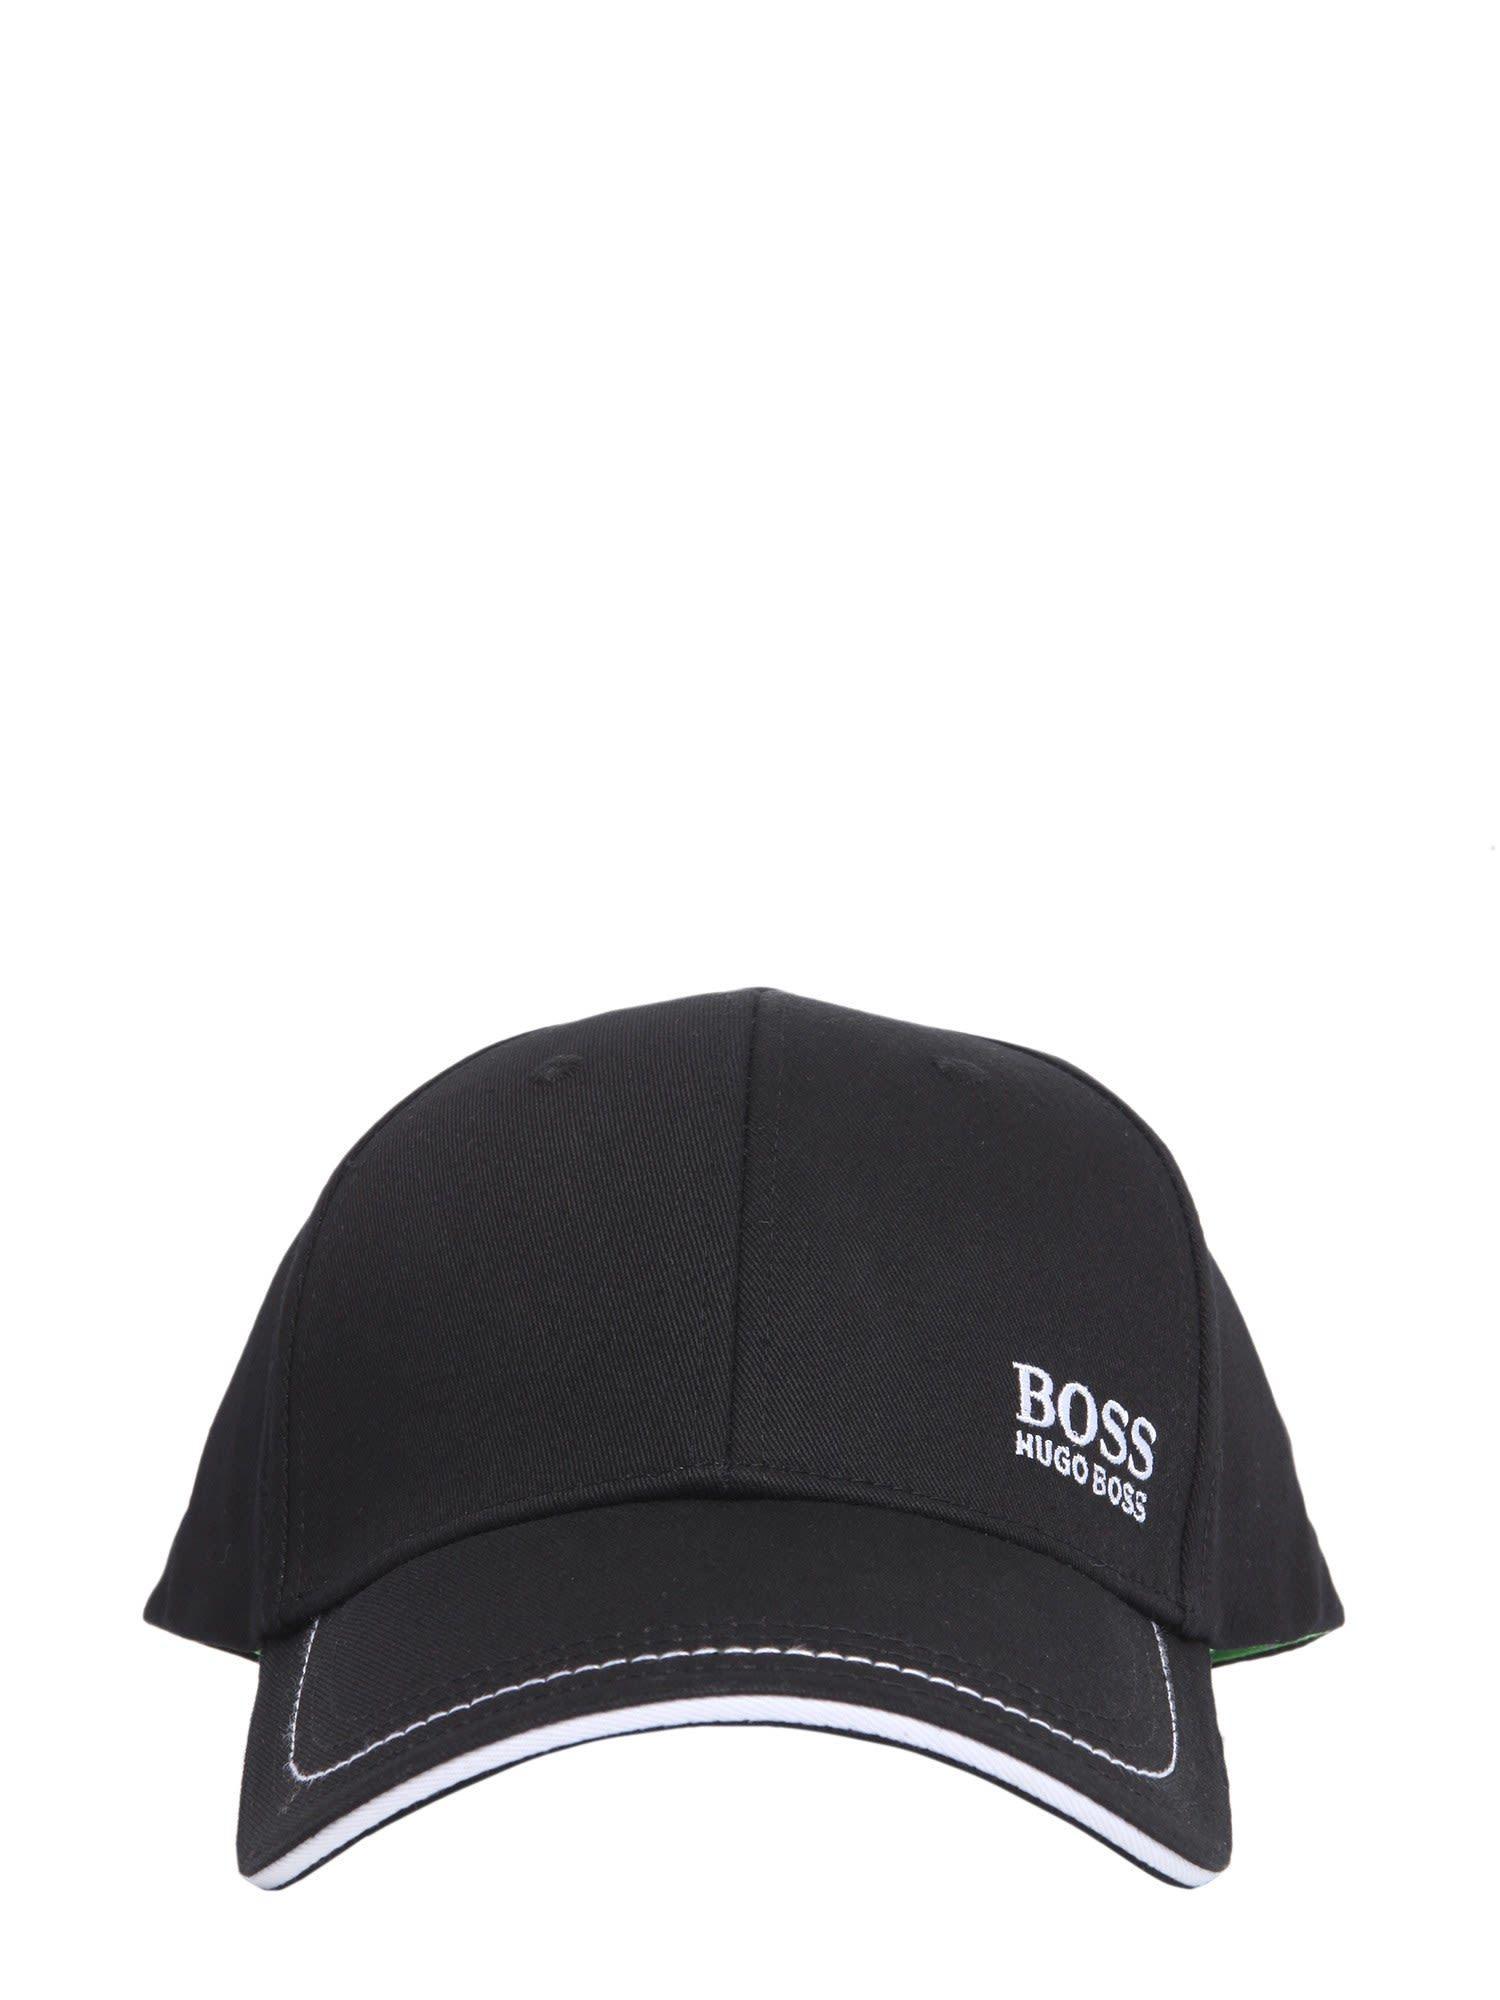 09f2d975c1c9e1 HUGO BOSS BASEBALL CAP. #hugoboss # | Hugo Boss | Hugo boss, Hugo ...